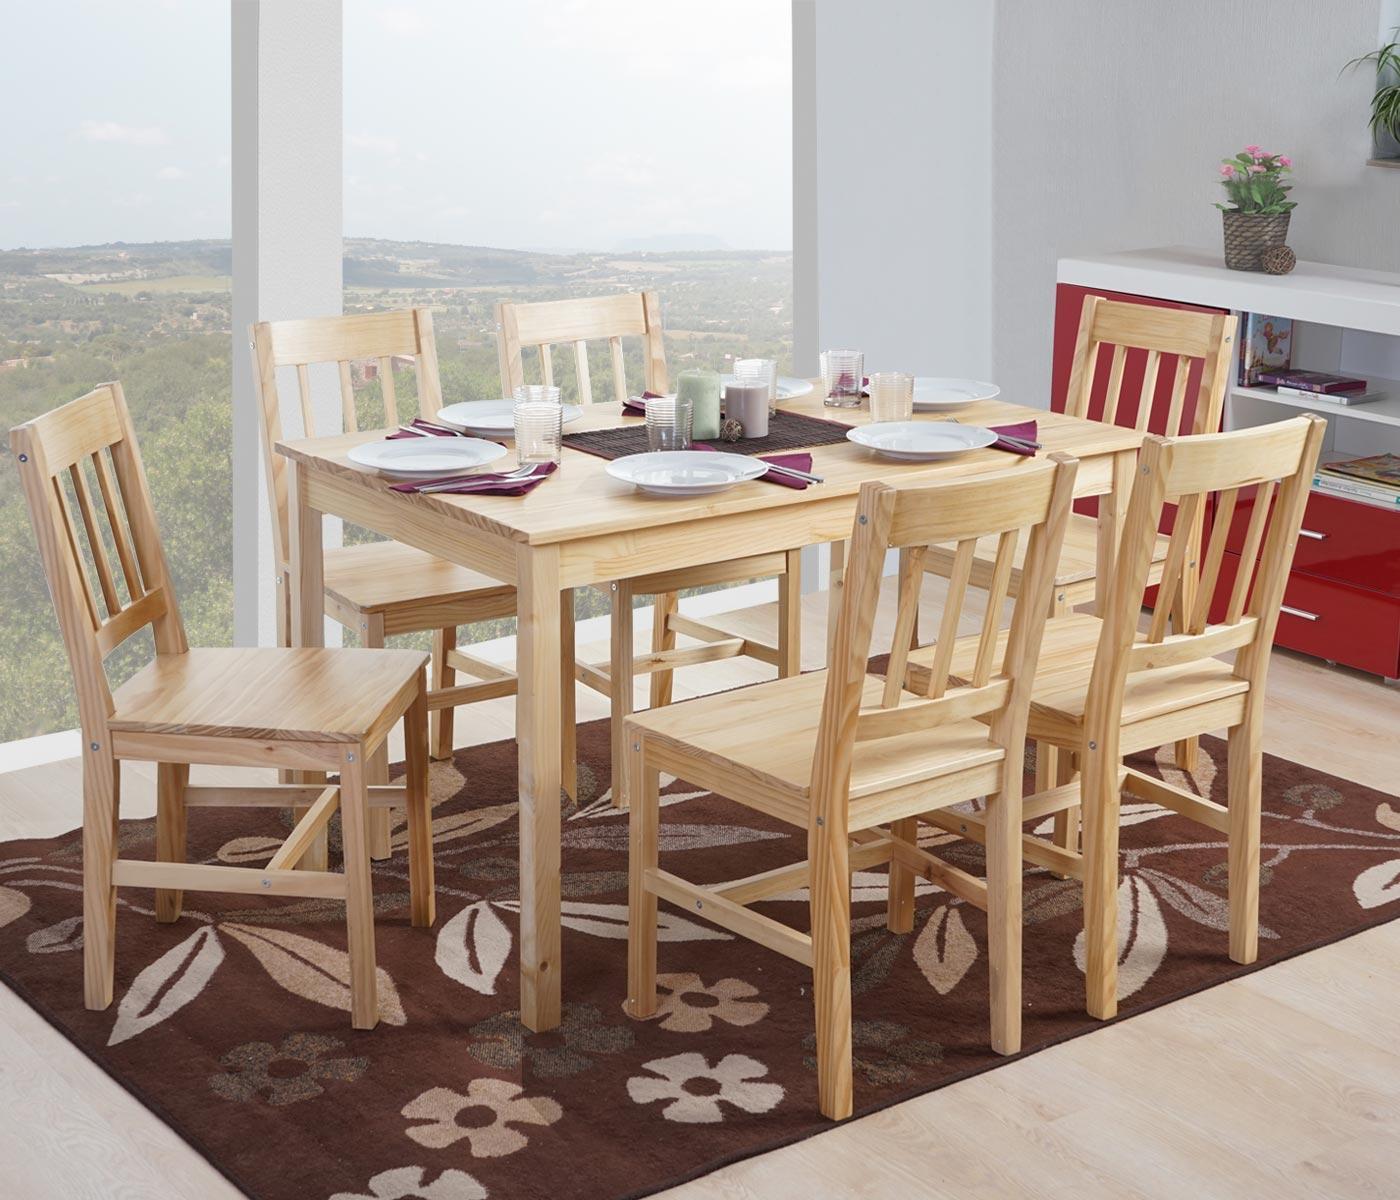 Mesas y sillas de cocina de madera cocina mueble a medida for Mesas y sillas de cocina de madera